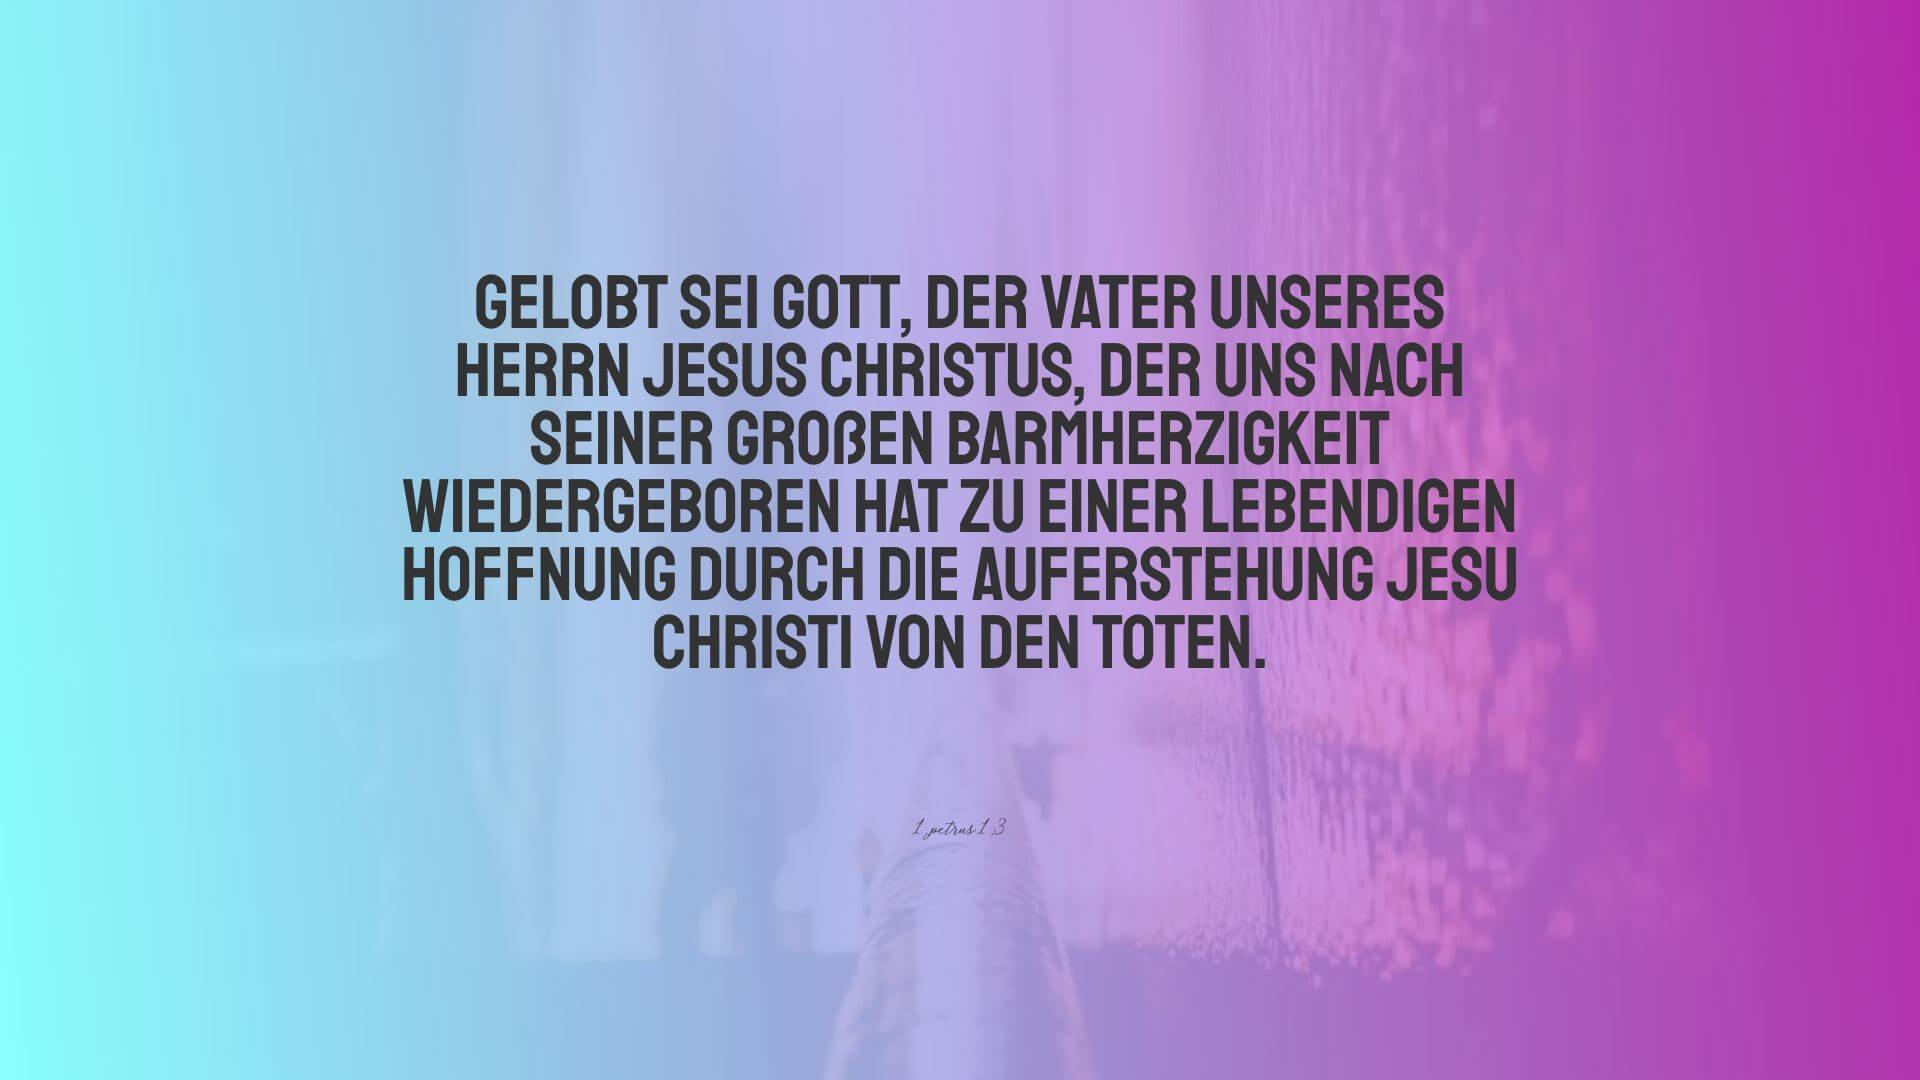 Gelobt sei Gott, der Vater unseres Herrn Jesus Christus, der uns nach seiner großen Barmherzigkeit wiedergeboren hat zu einer lebendigen Hoffnung durch die Auferstehung Jesu Christi von den Toten. - 1.Petrus 1,3